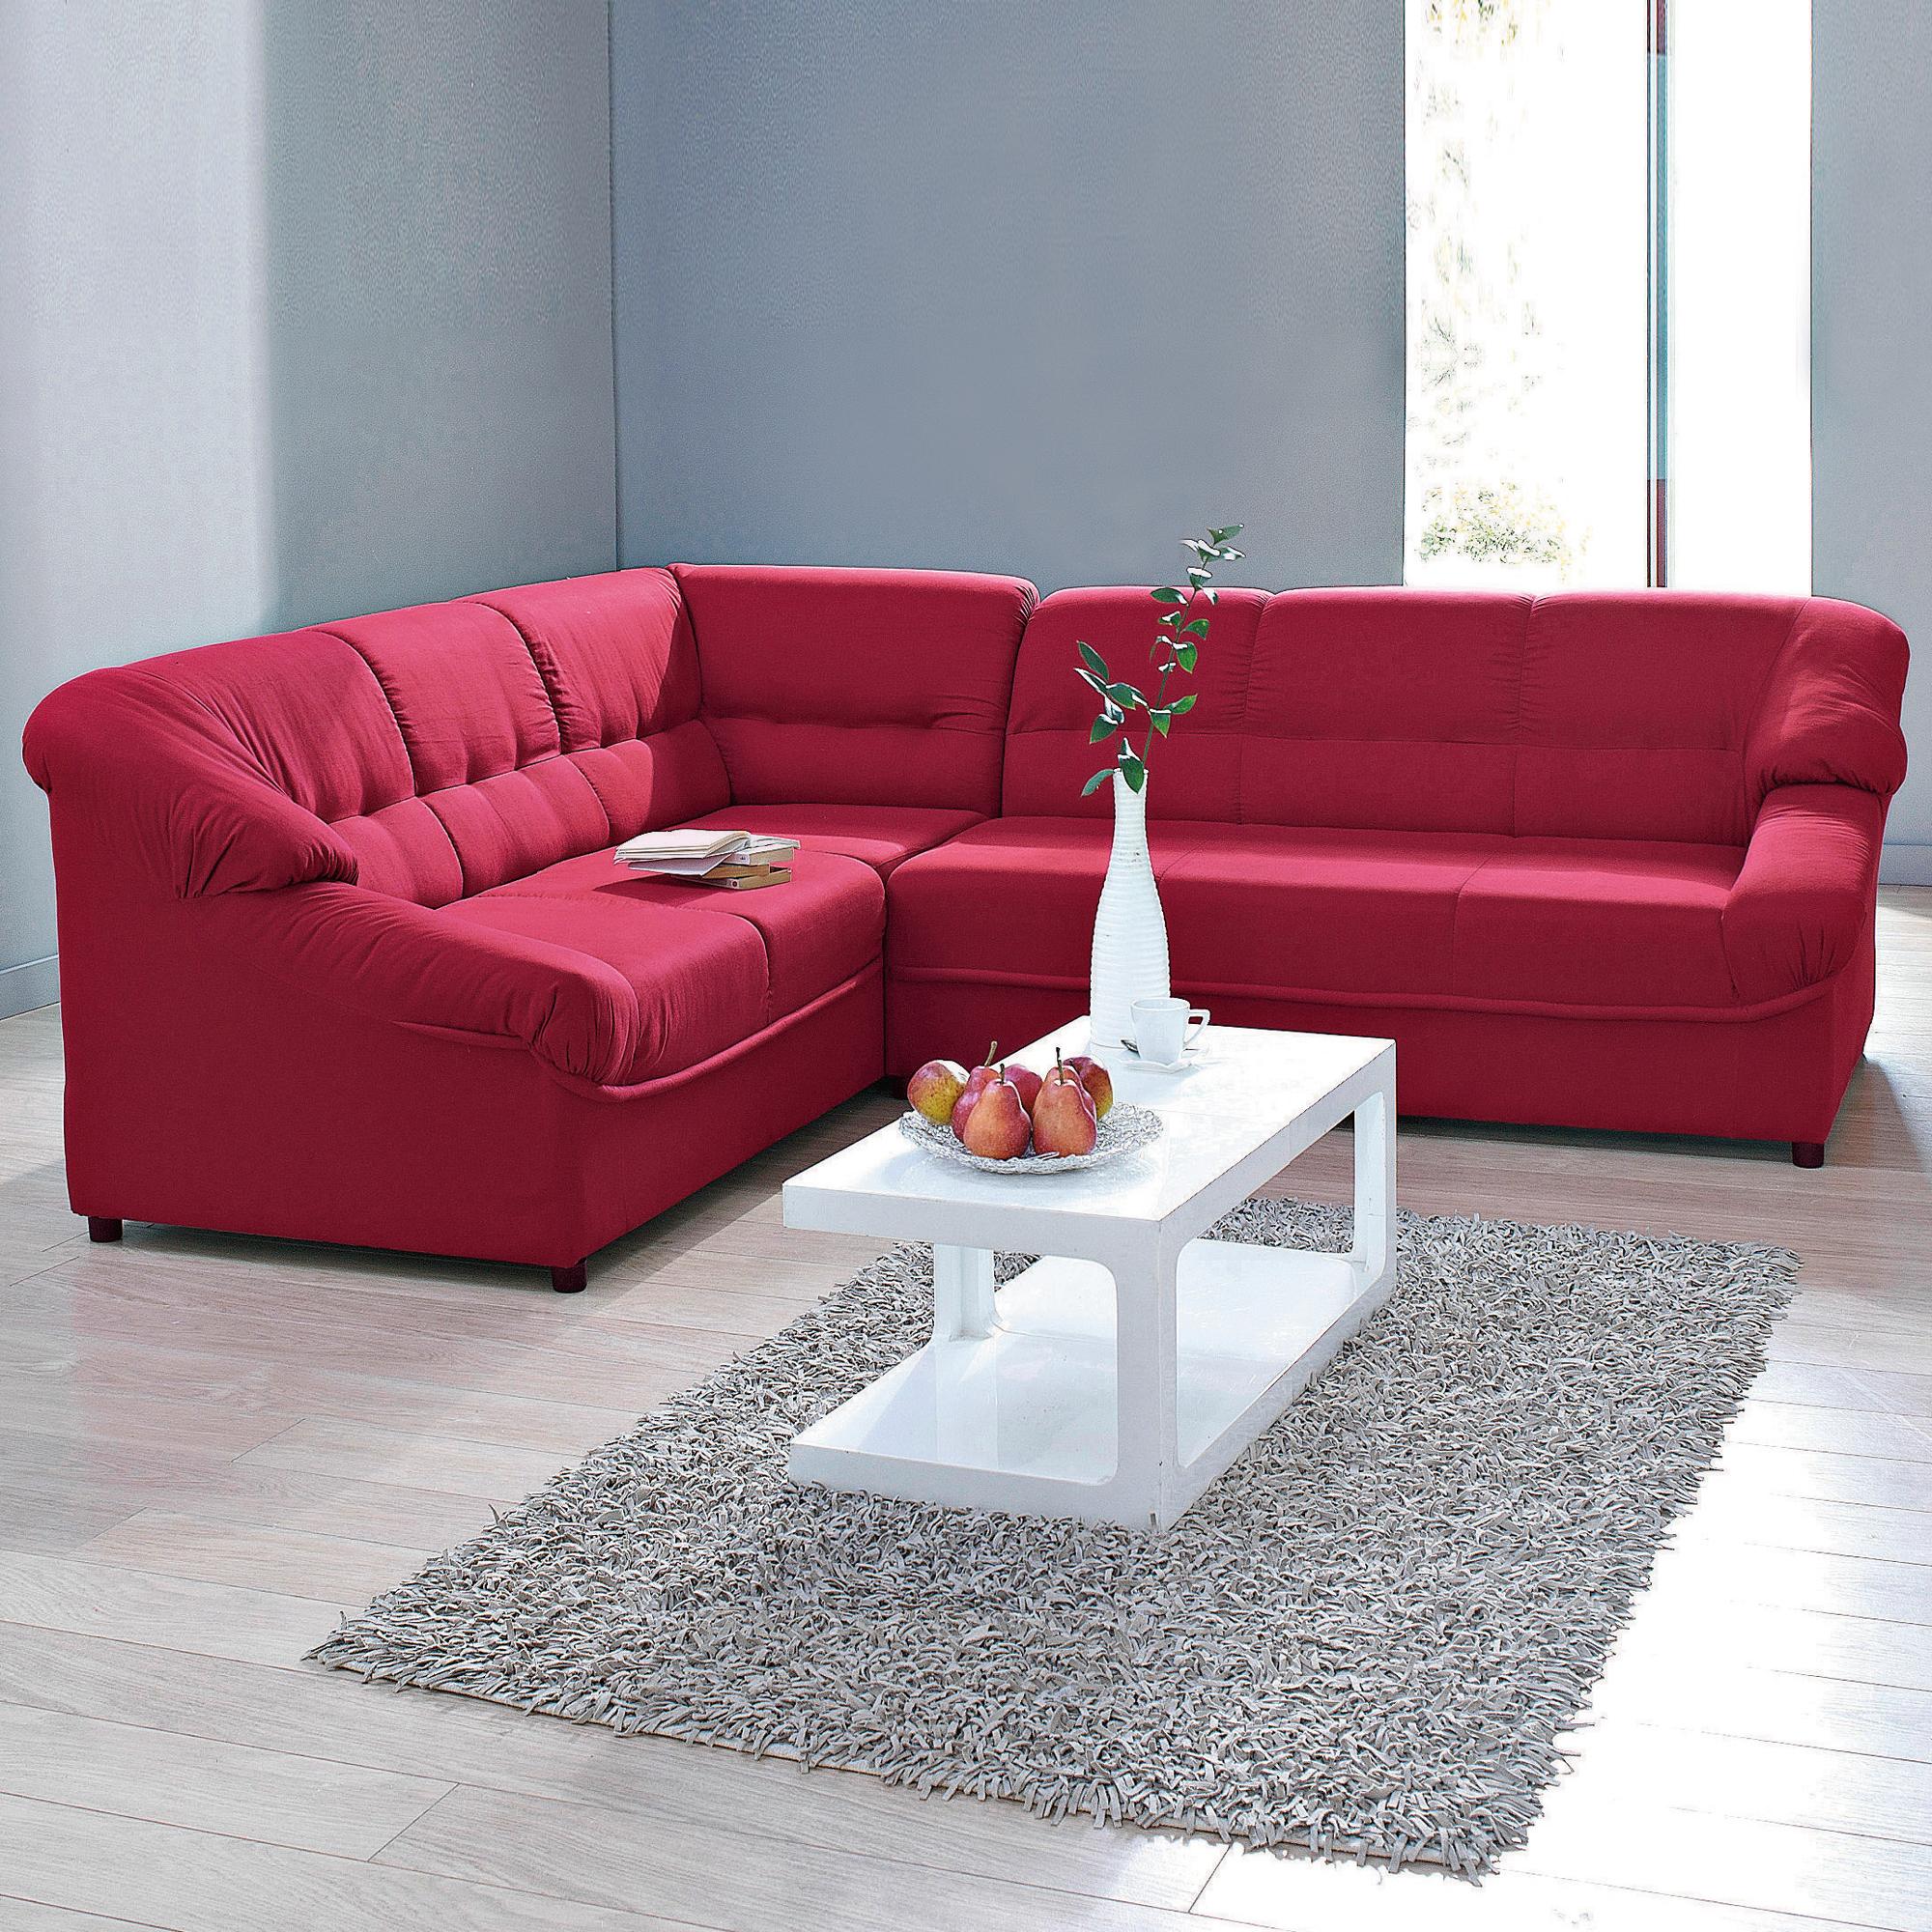 canap d 39 angle gauche paloma rev tement rouge anniversaire 40 ans acheter ce produit au. Black Bedroom Furniture Sets. Home Design Ideas